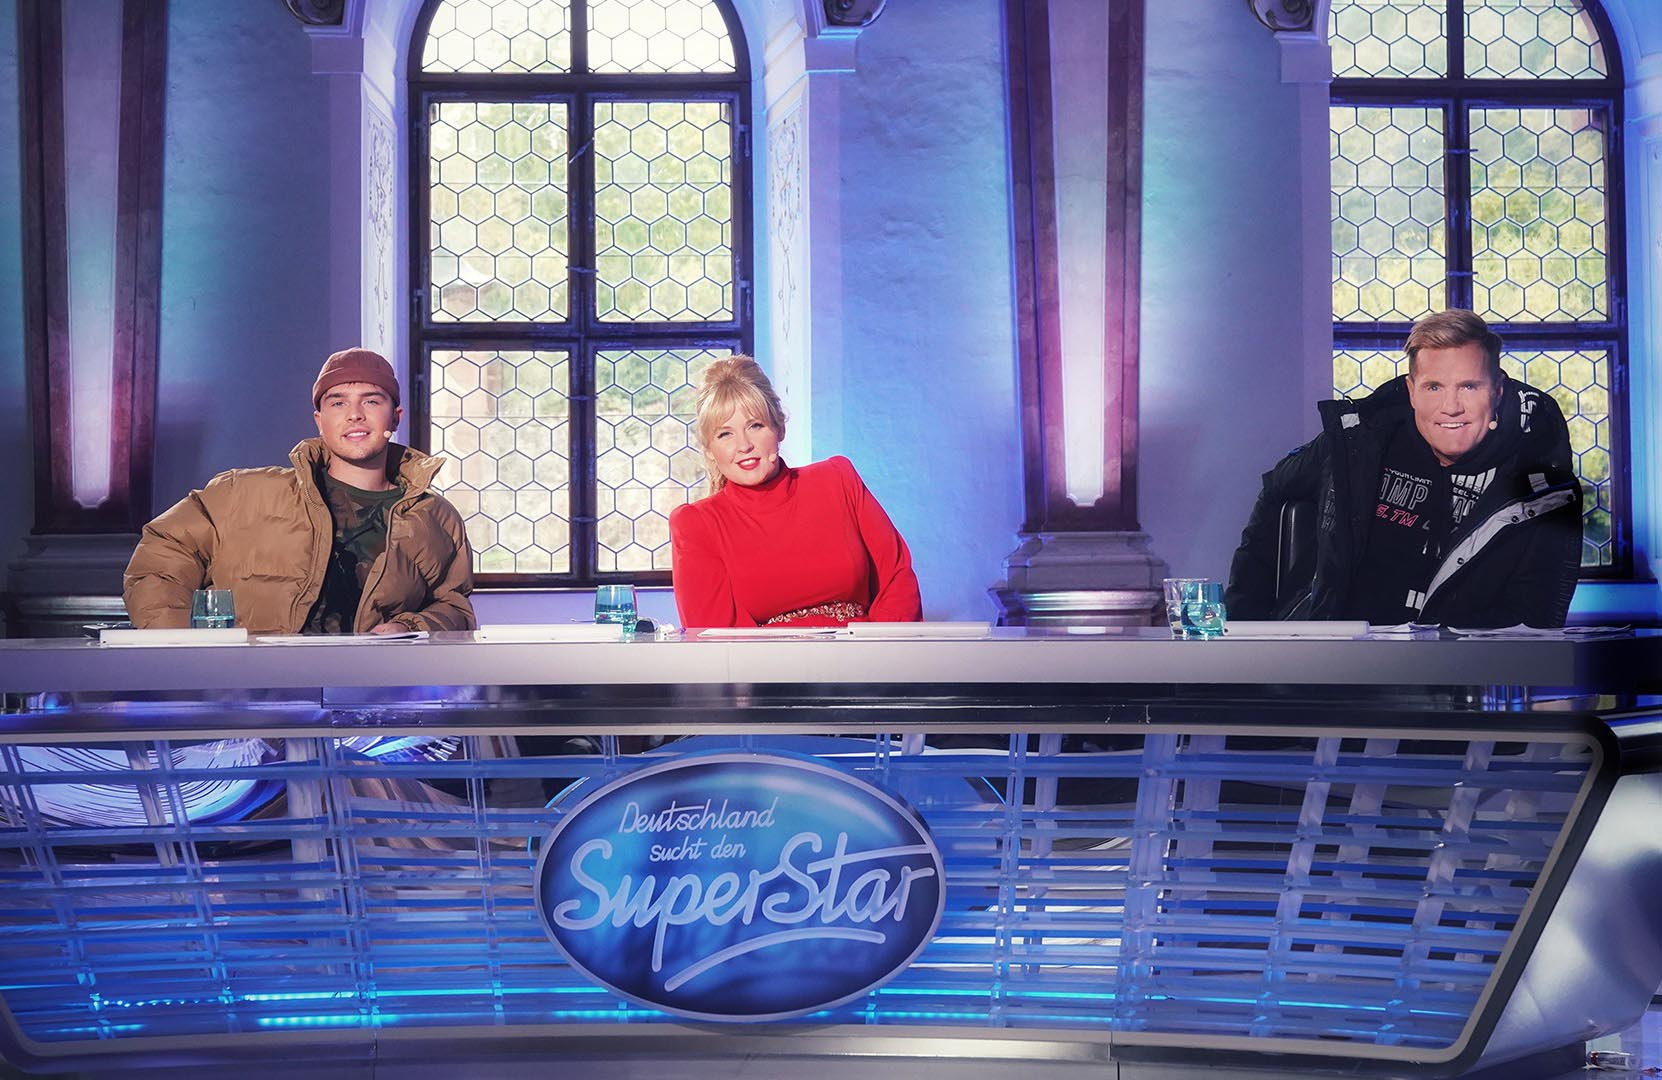 Die Jury (v.l.) Mike Singer, Maite Kelly und Dieter Bohlen Deutschland sucht den Superstar